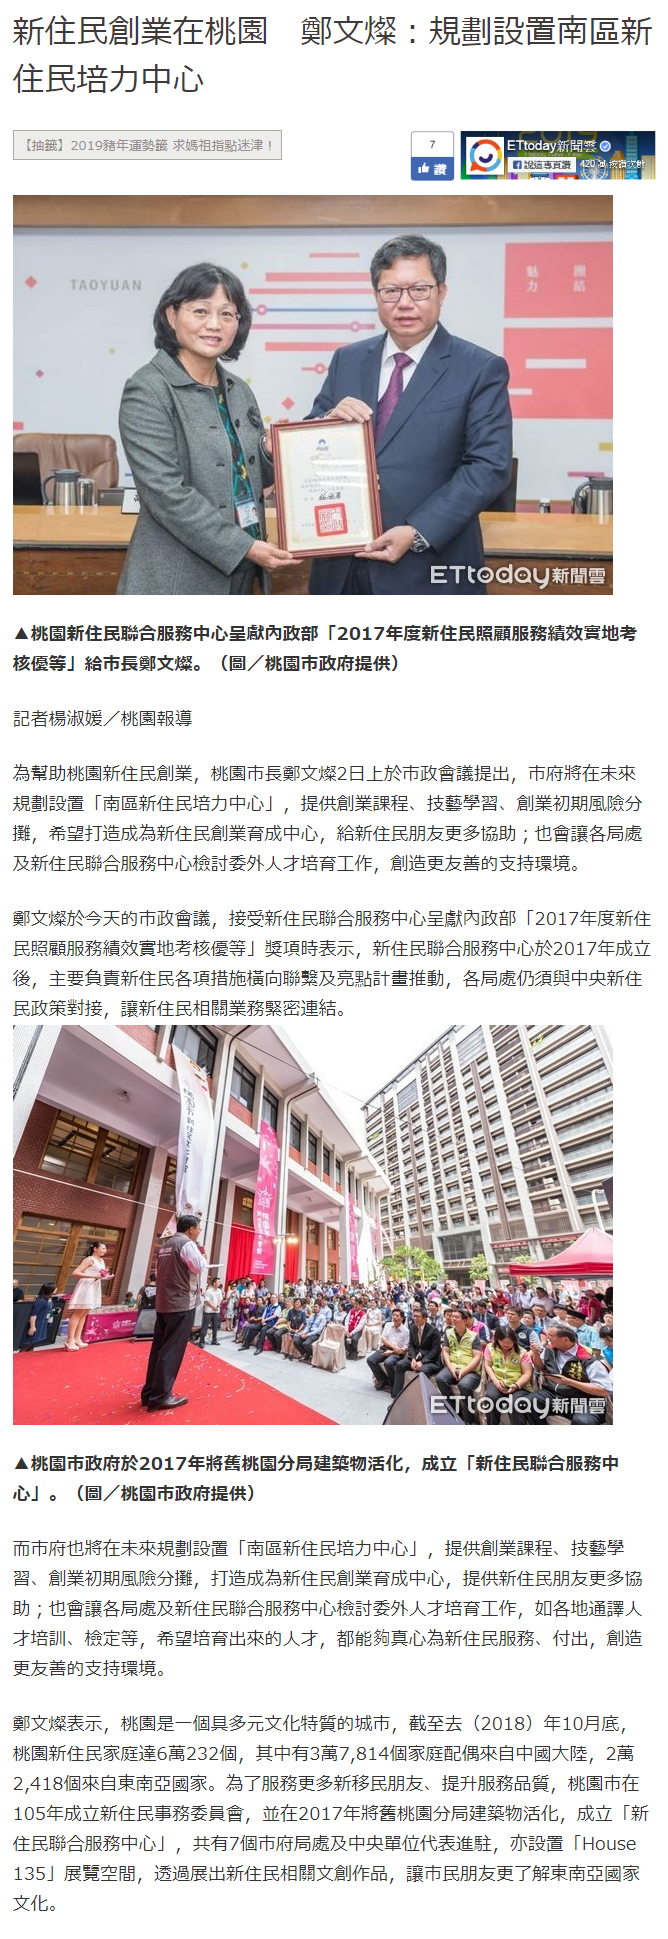 新住民創業在桃園 鄭文燦:規劃設置南區新住民培力中心